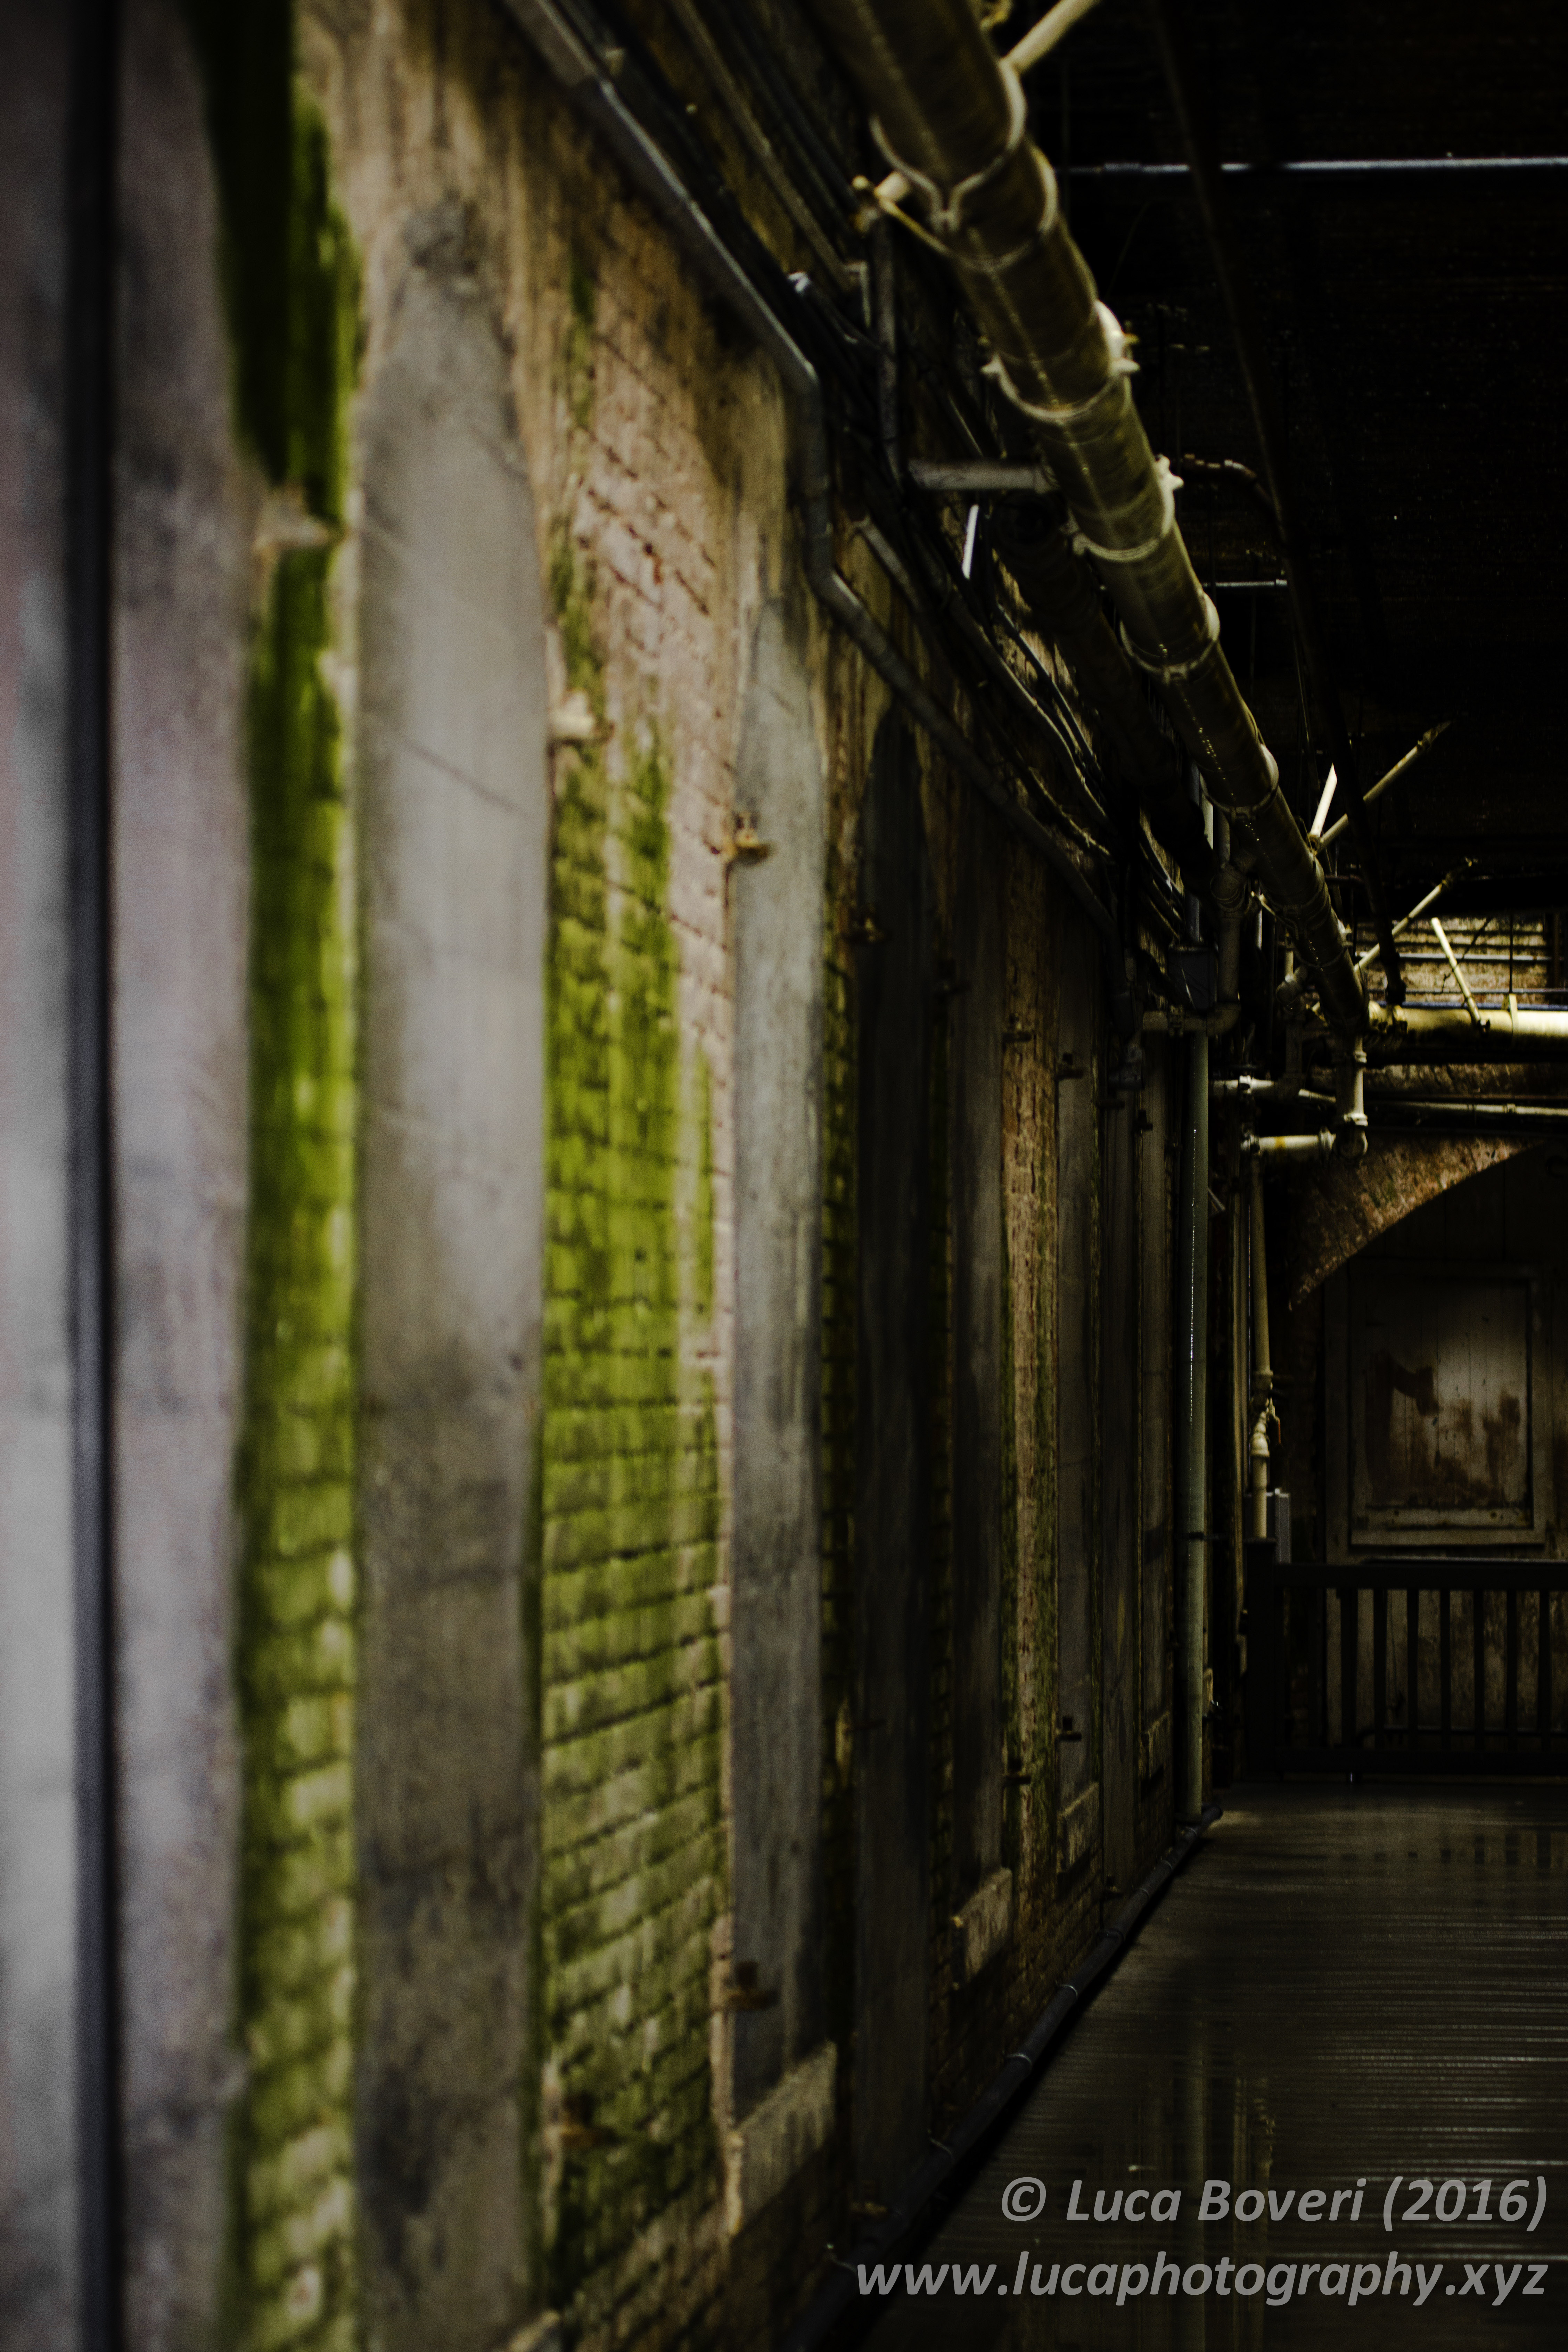 Corridors of Alcatraz. @lucaboveri